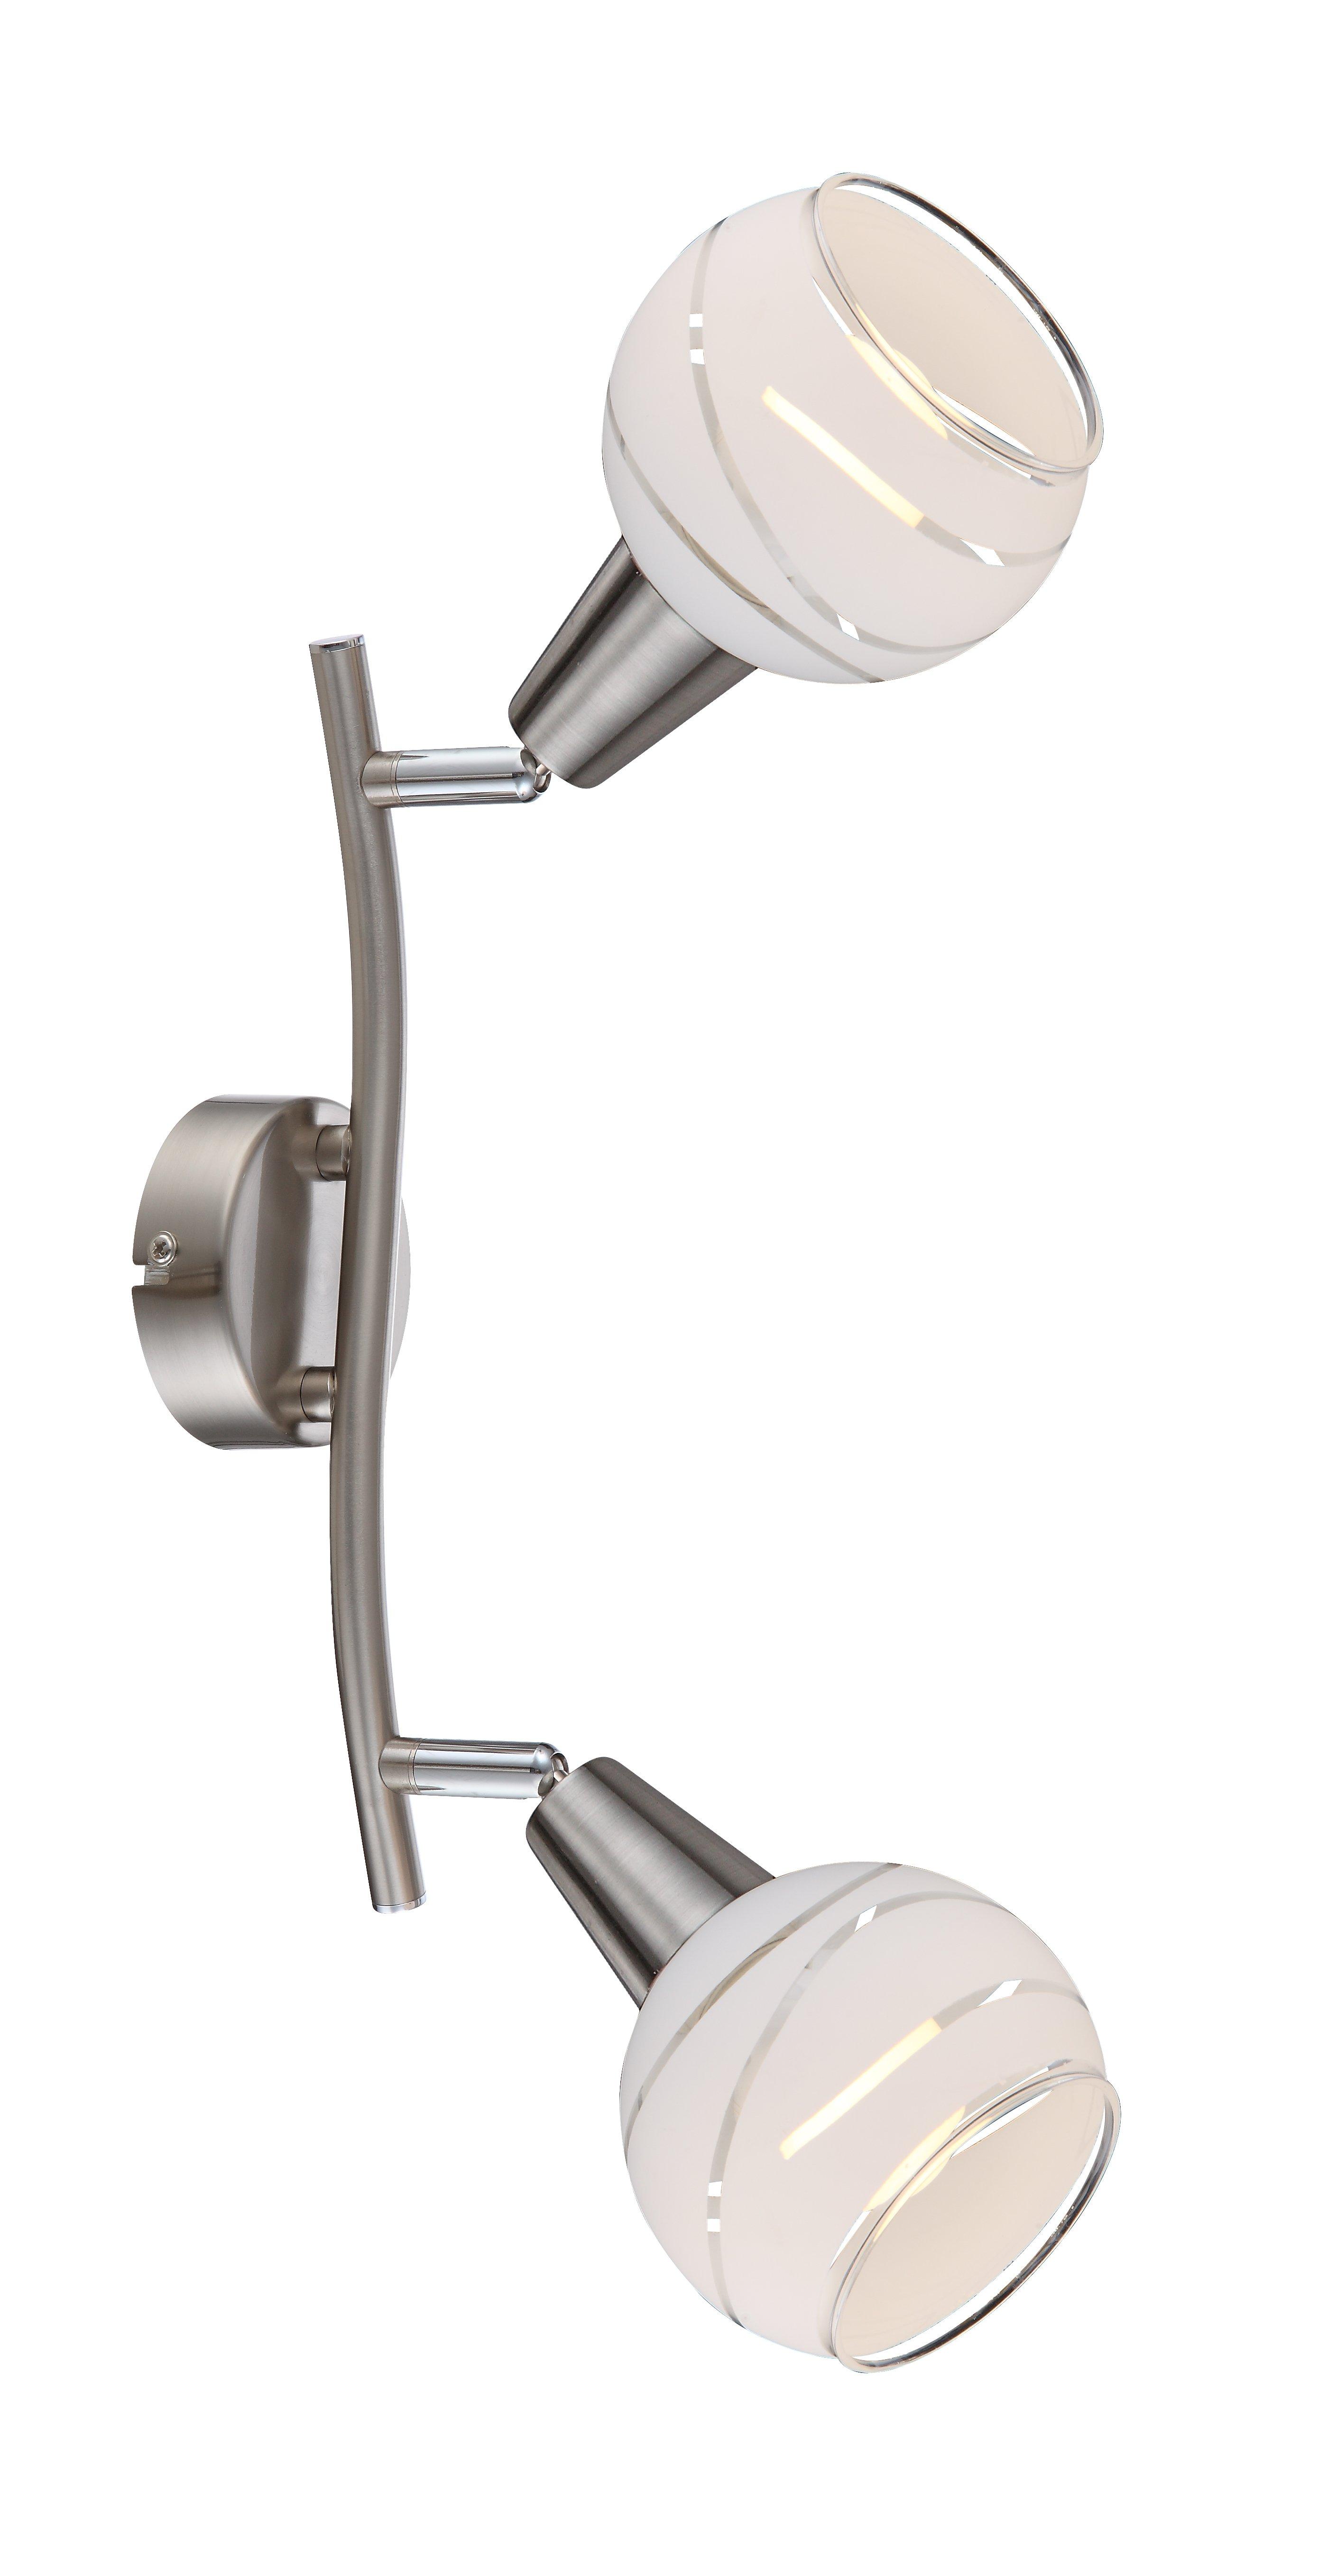 LED-Strahler, 2flg. L28_Metall, Metallfarben